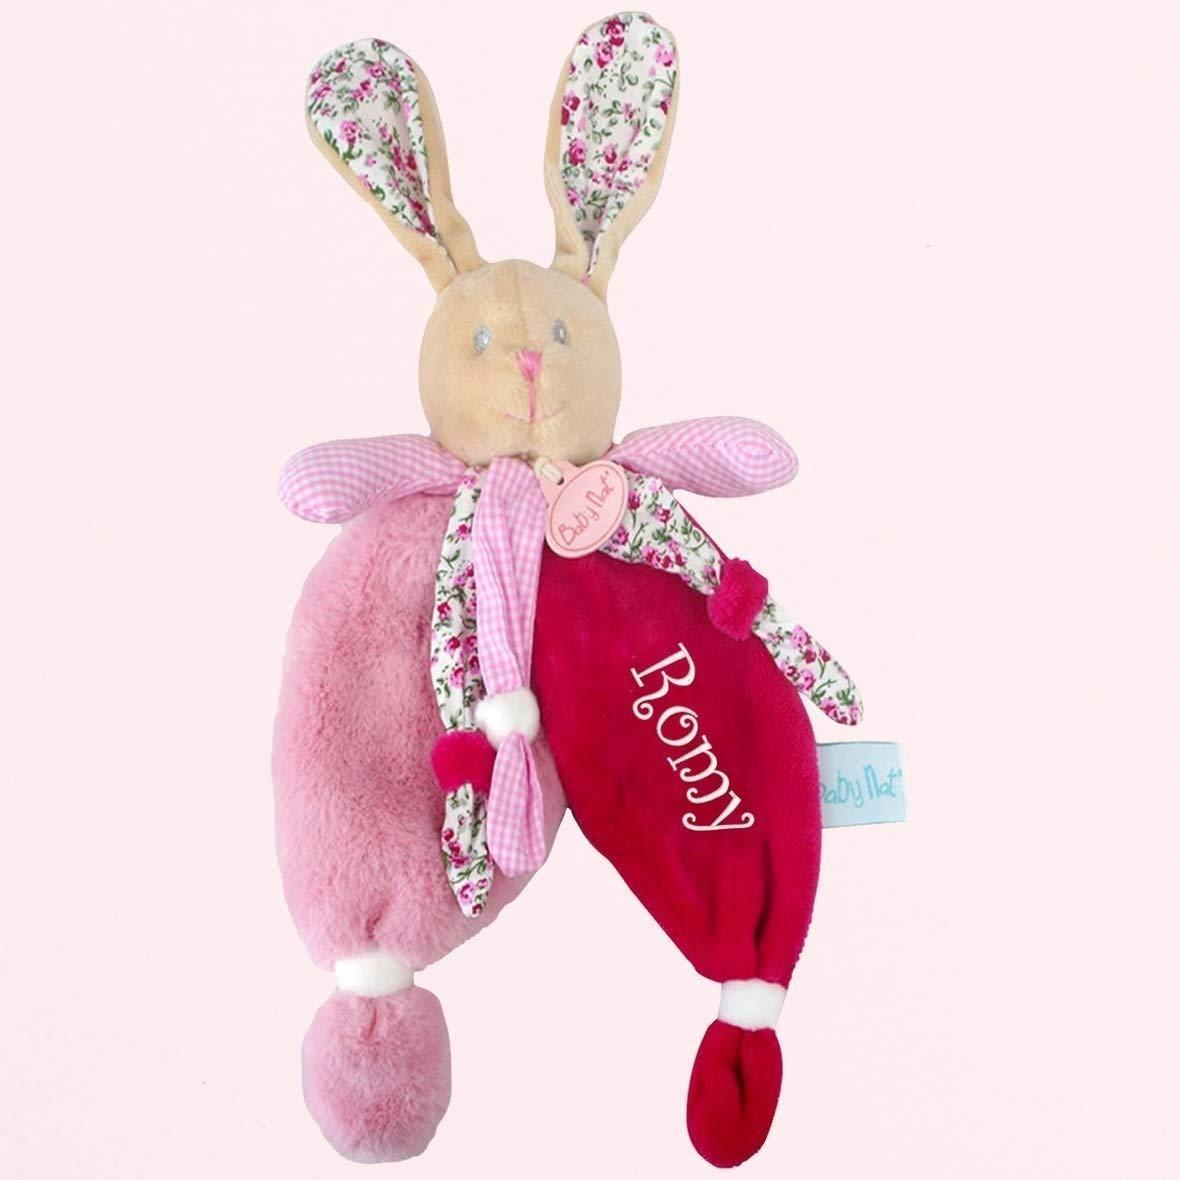 Doudou à broder avec prénom - Les poupis - cadeau liste de naissance - cadeau personnalisé naissance